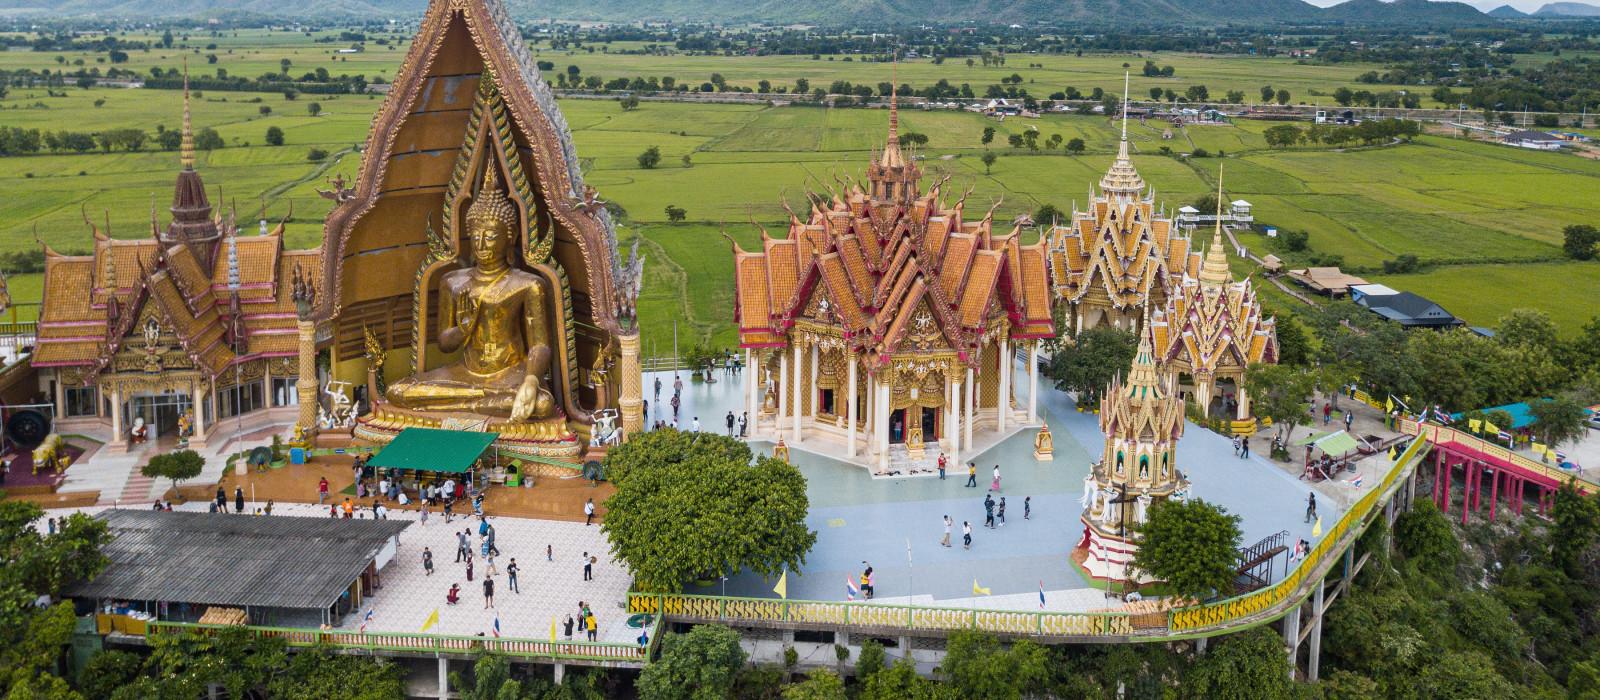 Vogelperspektive von Tuum Sua Temple, thailand